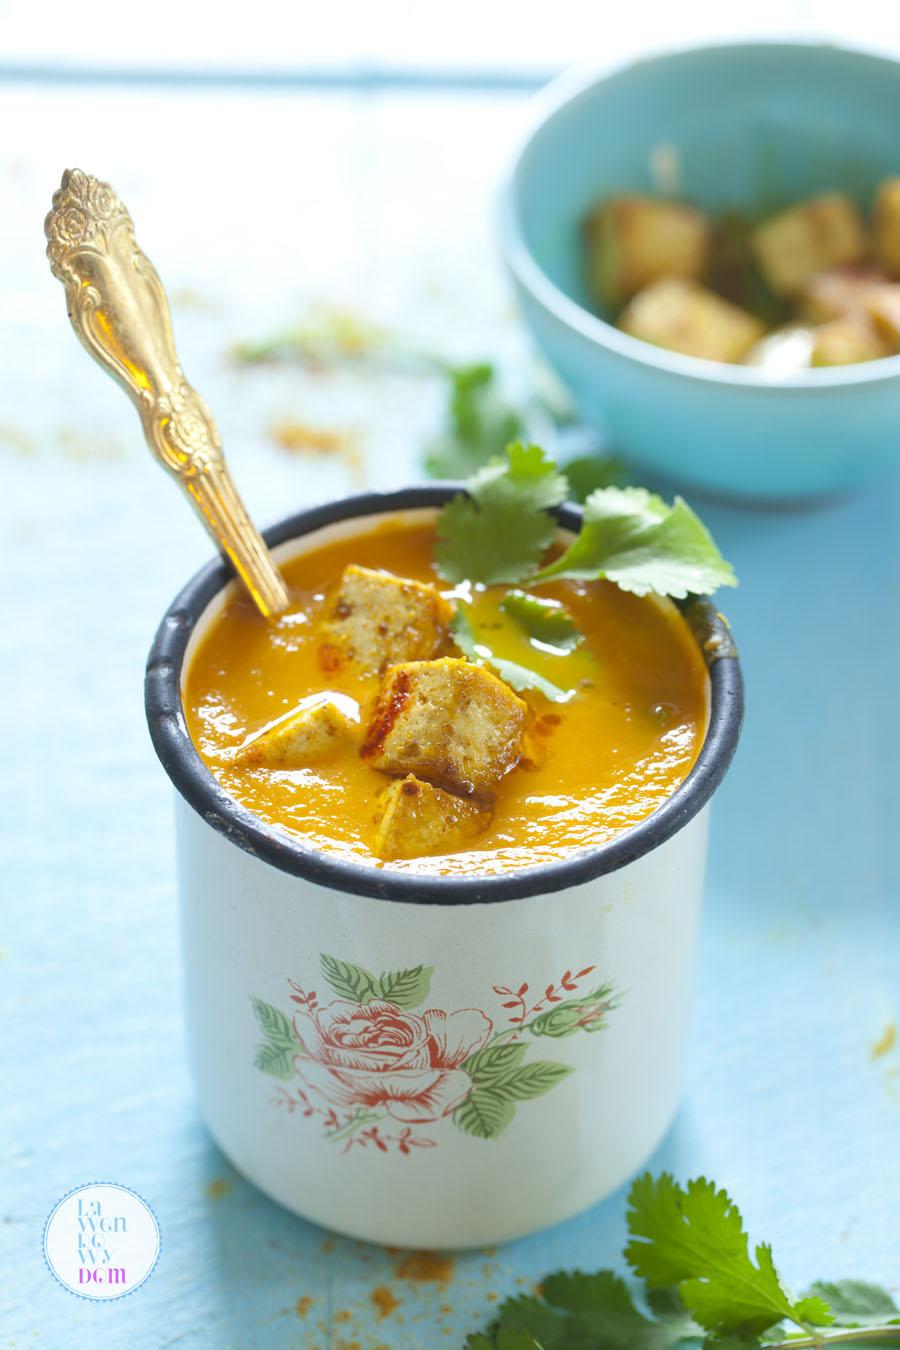 rozgrzewajaca-zupa-z-marchewki-i-batatow-i-tofu-przepis11